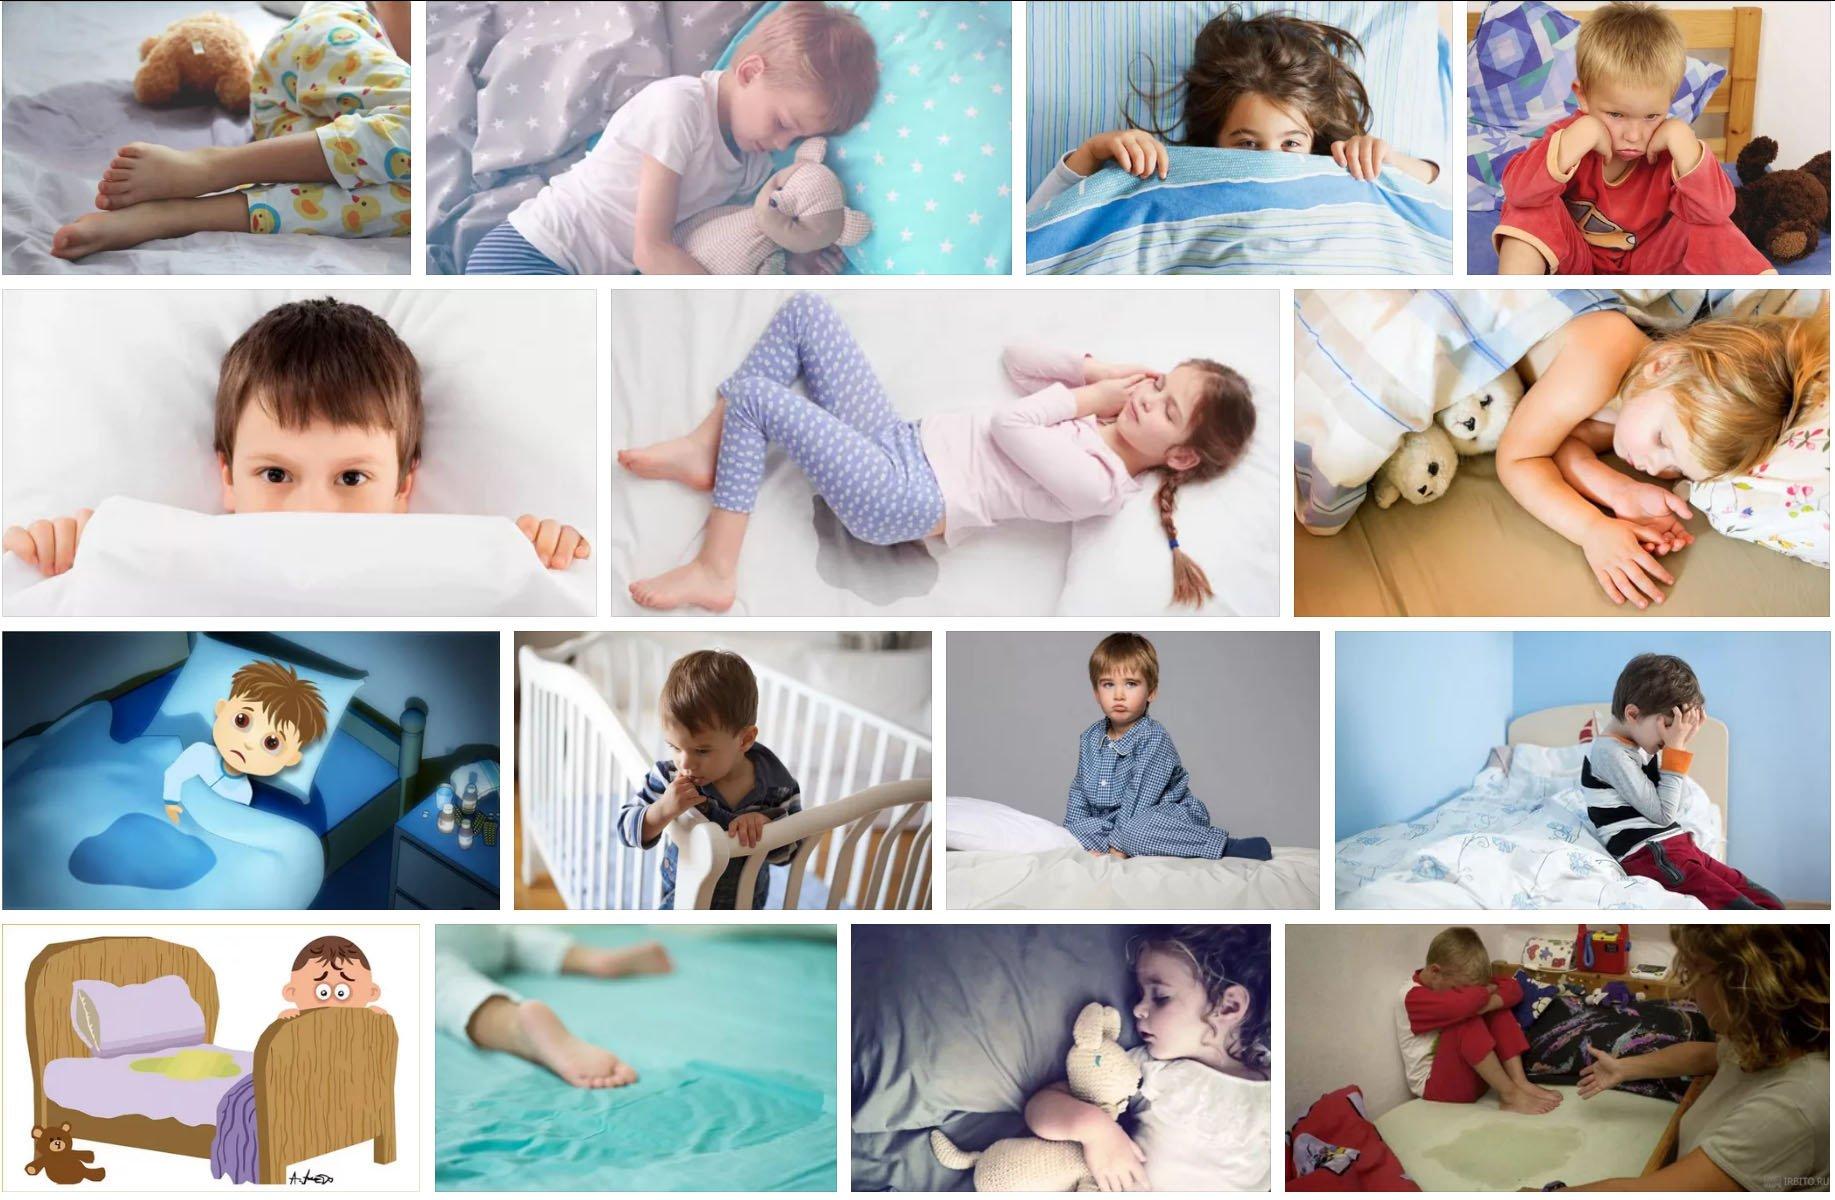 энурез у детей симптомы лечение